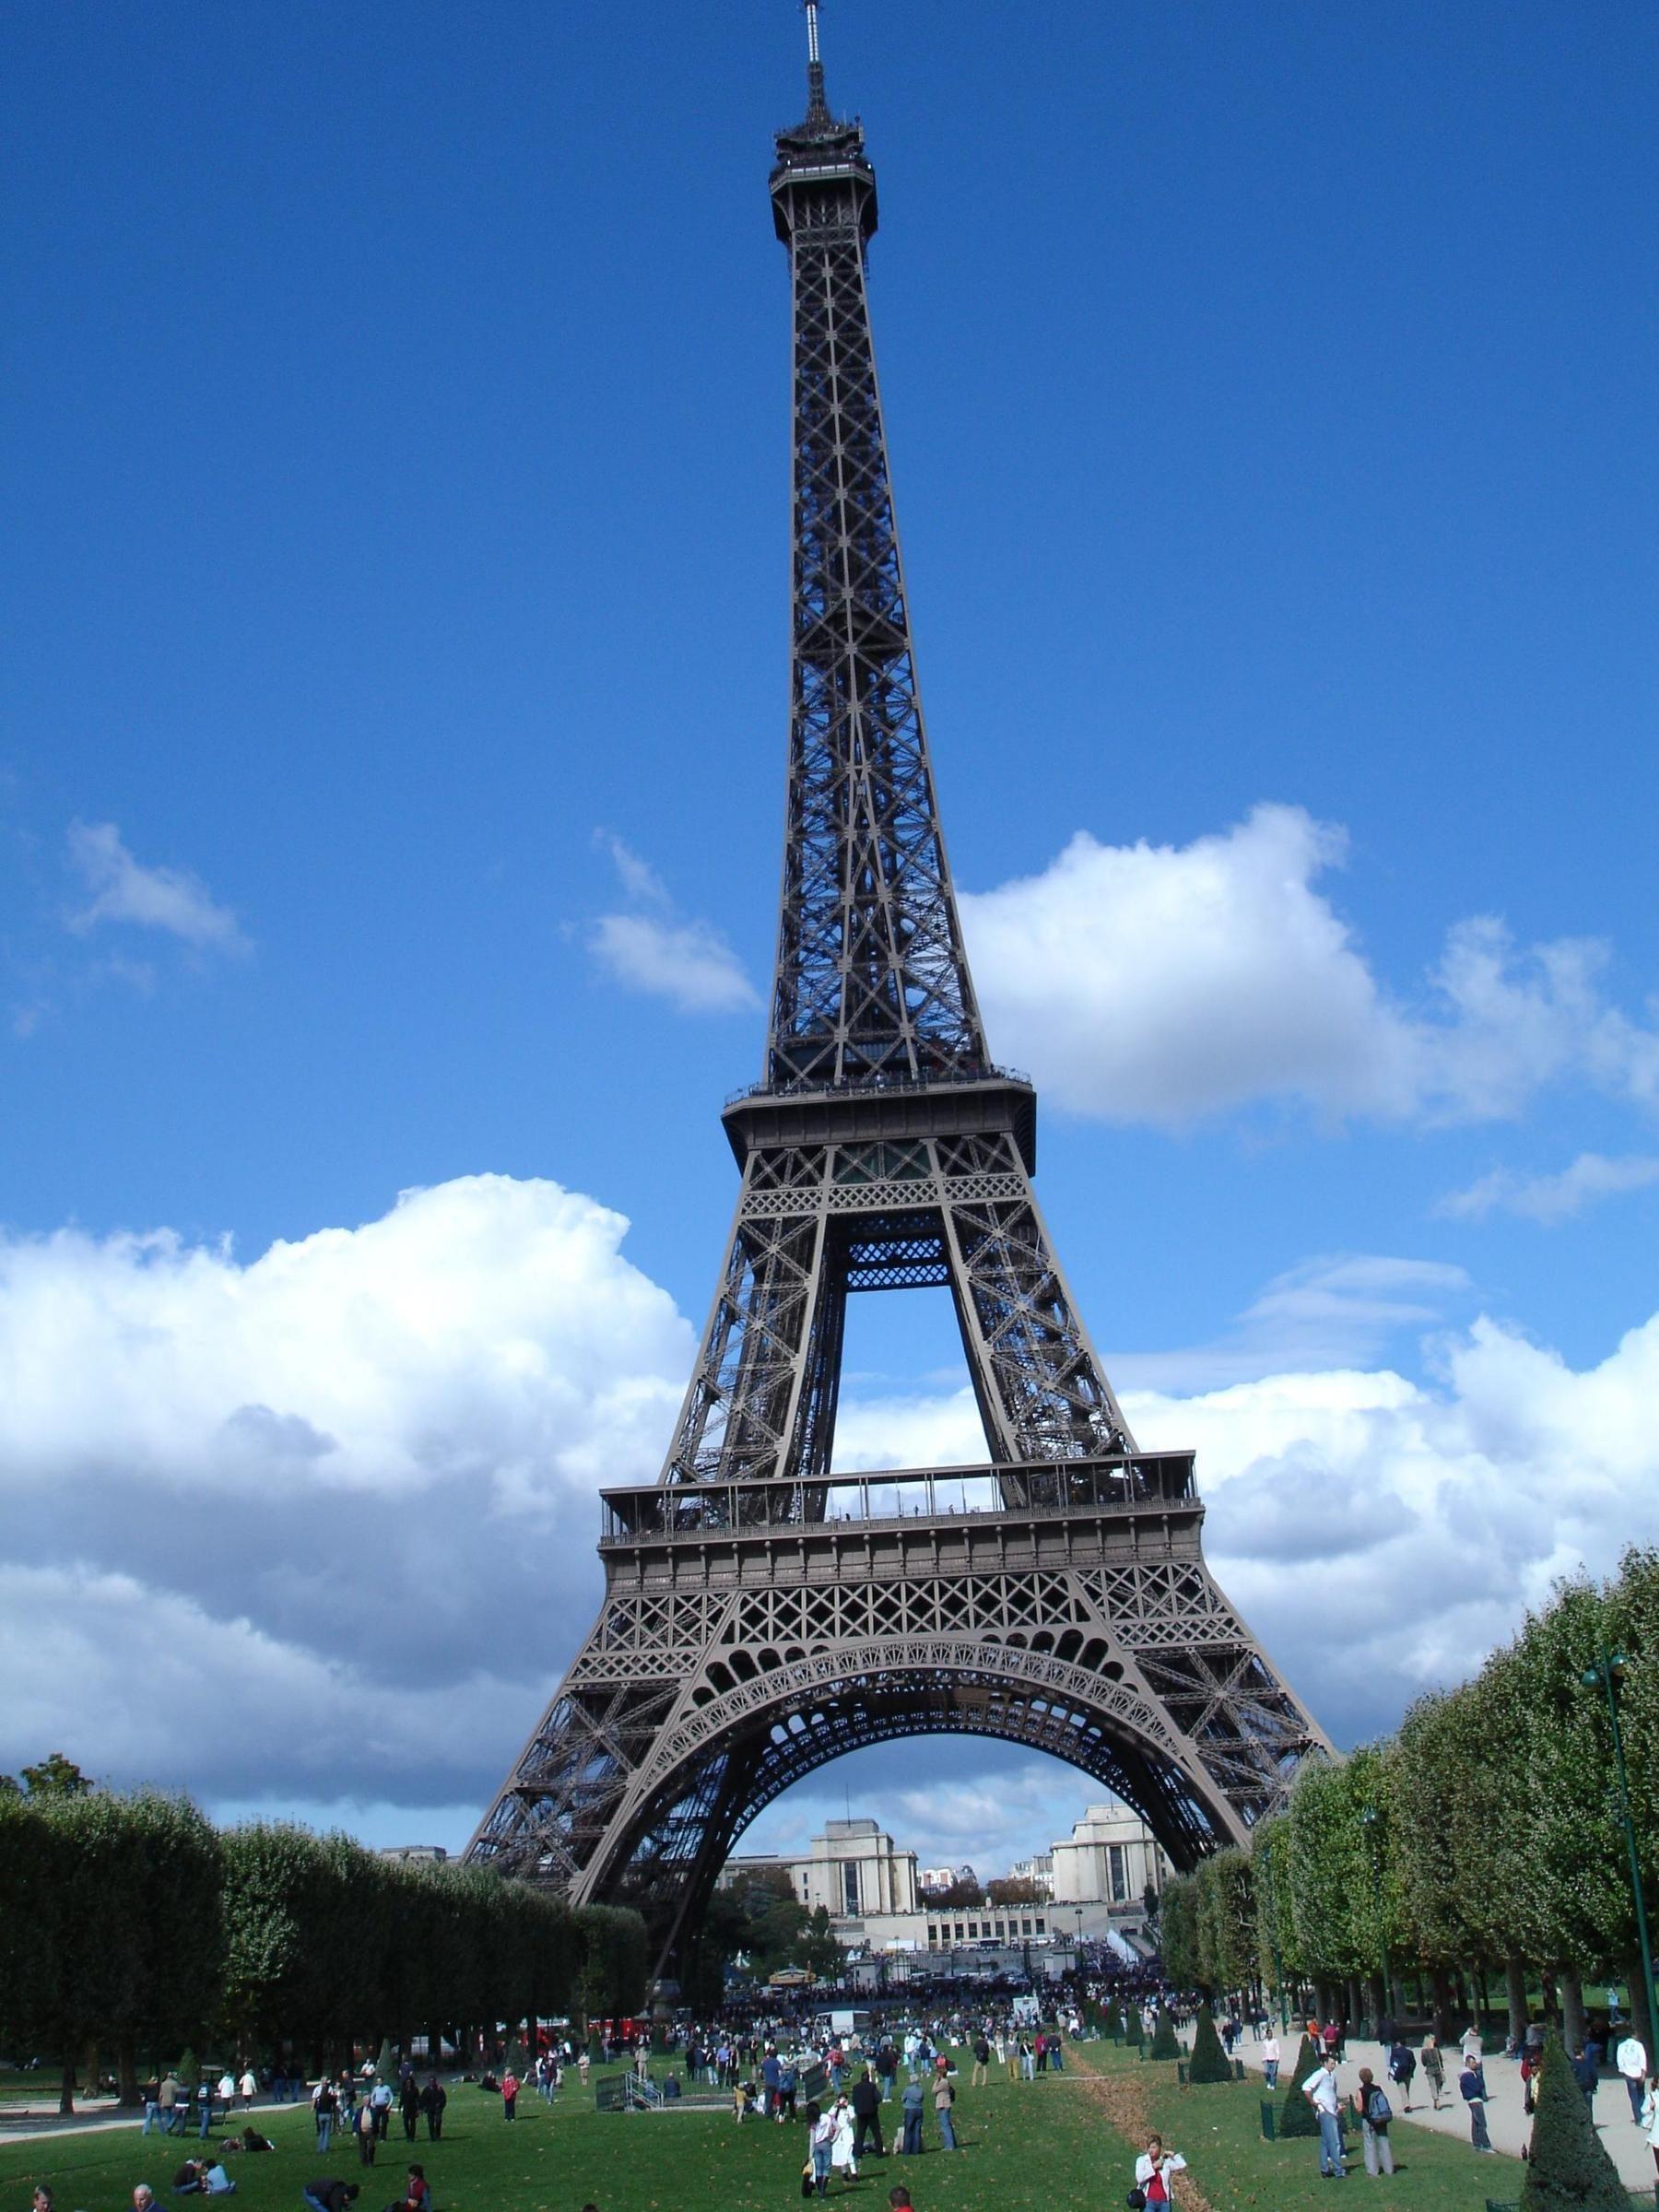 Good Wallpaper High Quality Paris - 13273d16dc51697a9cfde3fb61baf6ec  Trends_176969.jpg